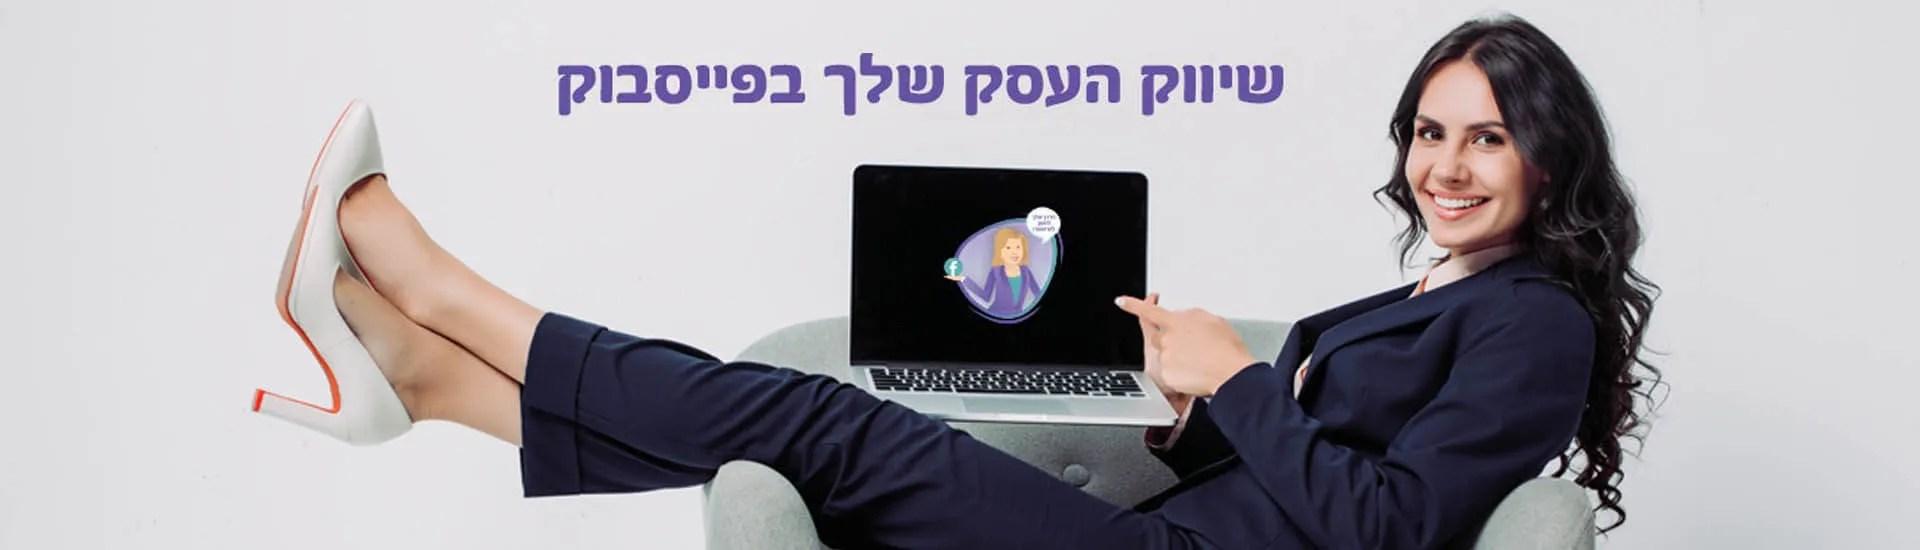 תוכנית ליווי אישית לשיווק בפייסבוק